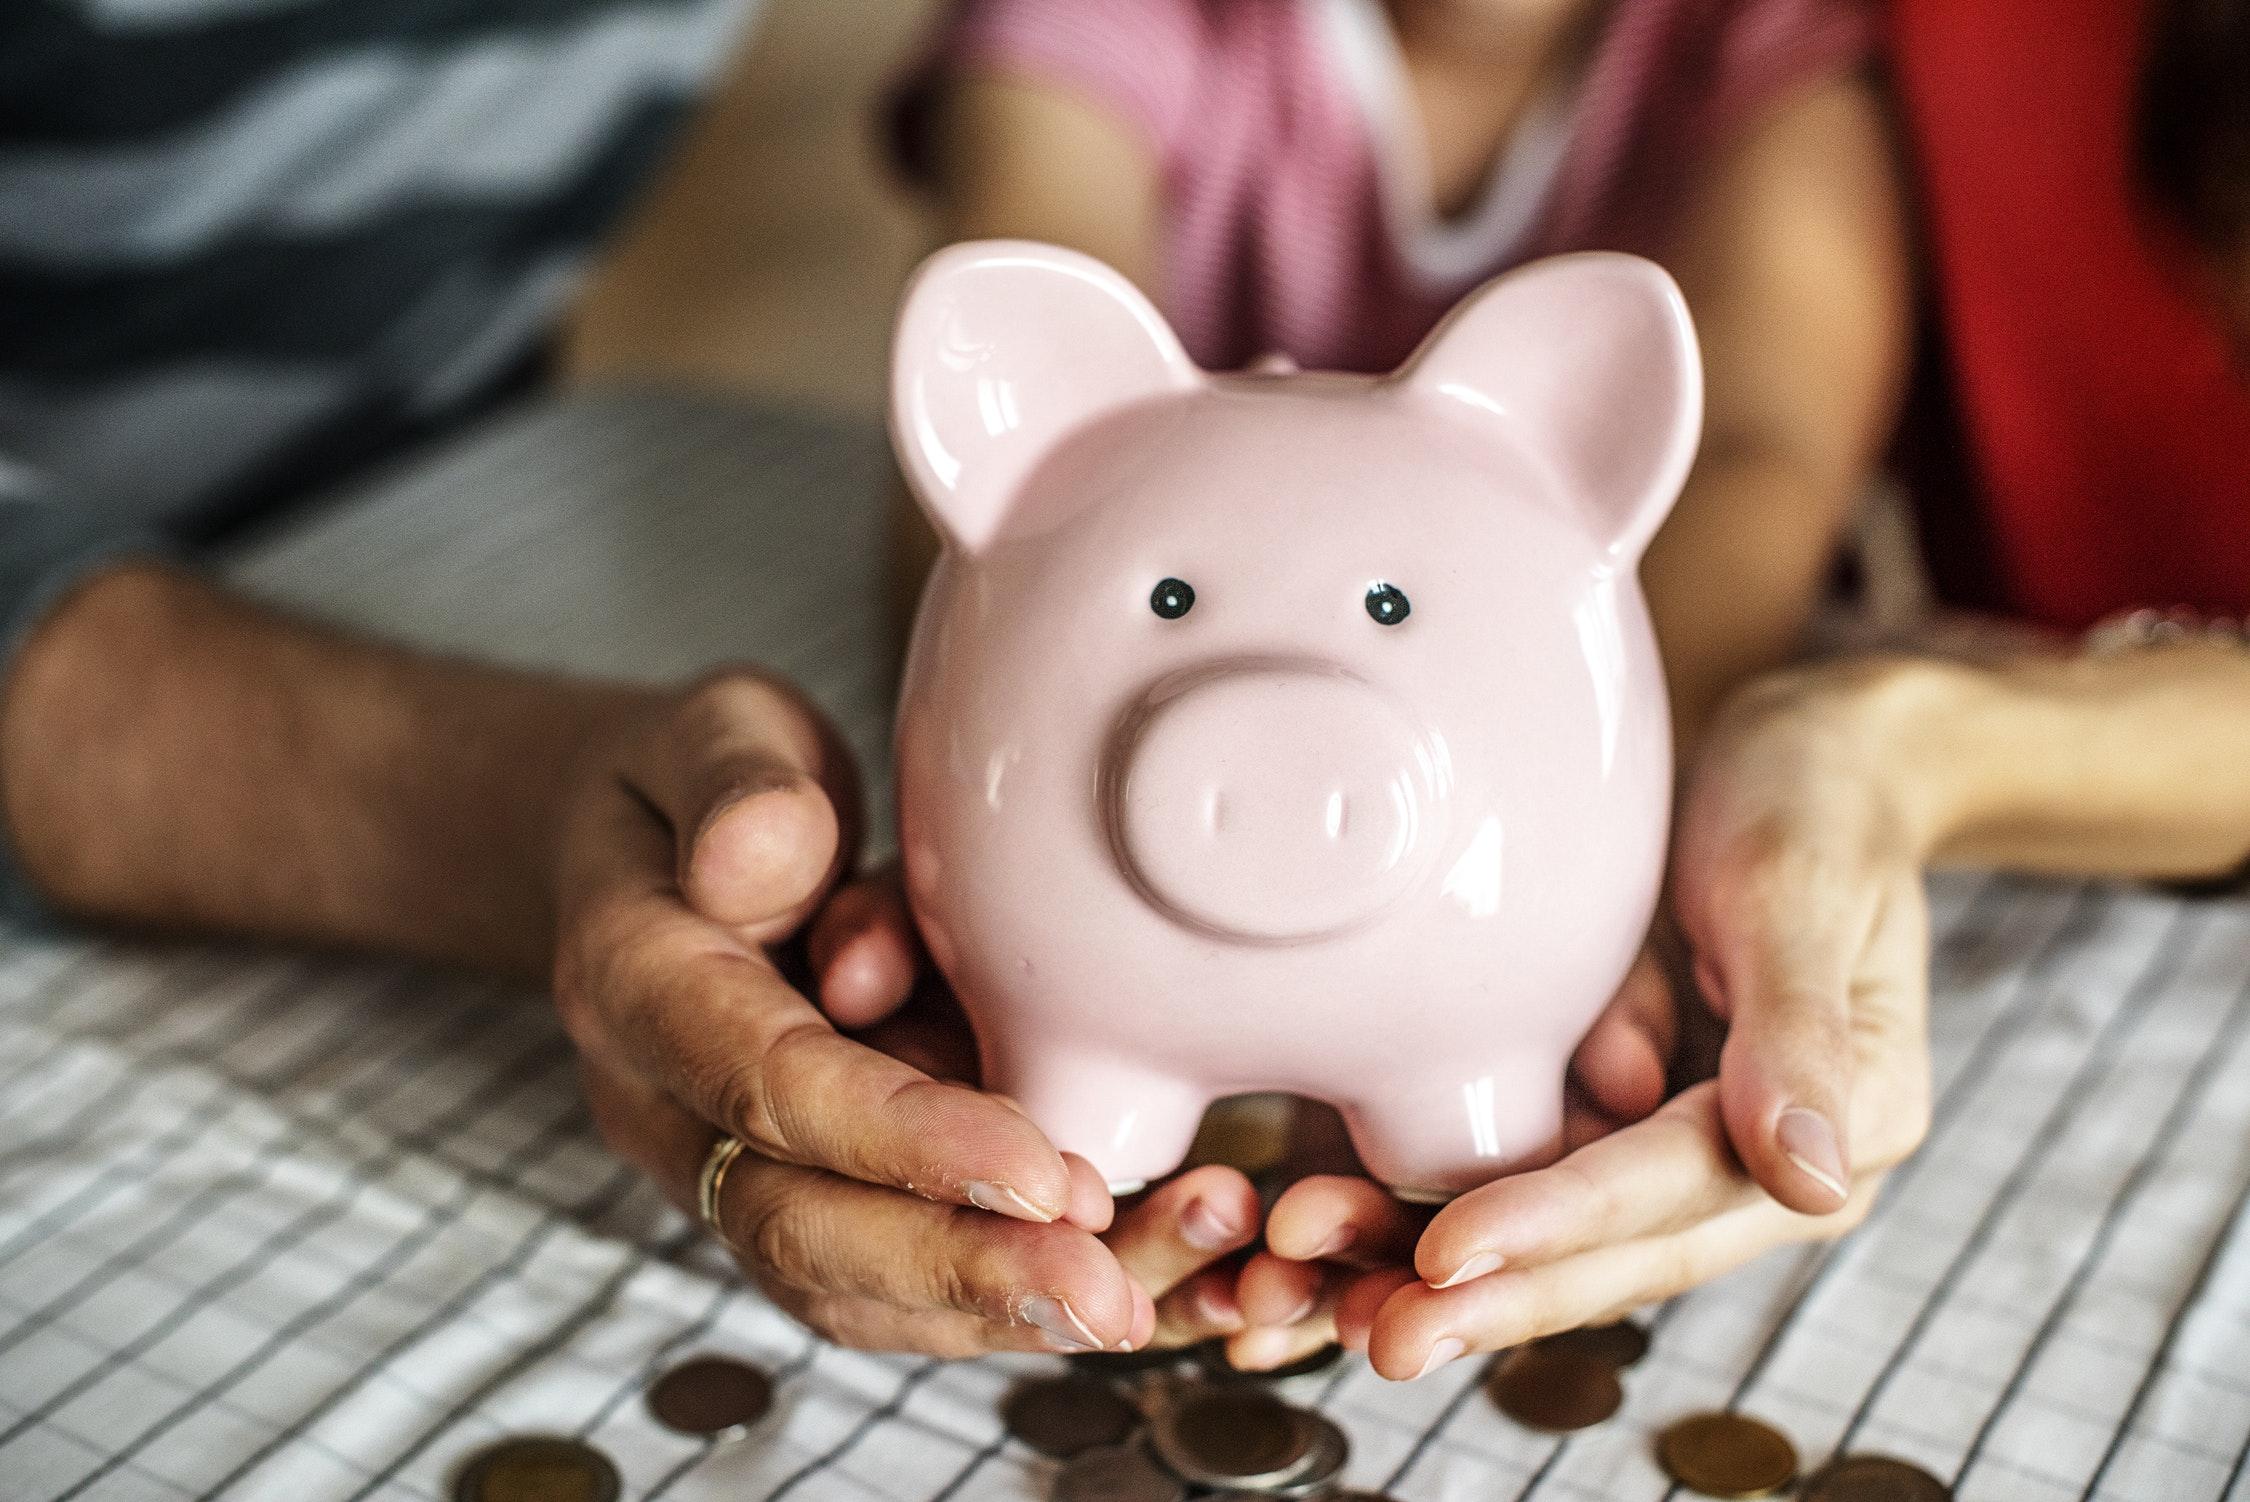 รูปภายในบทความ วิธีเก็บเงินซื้อบ้าน